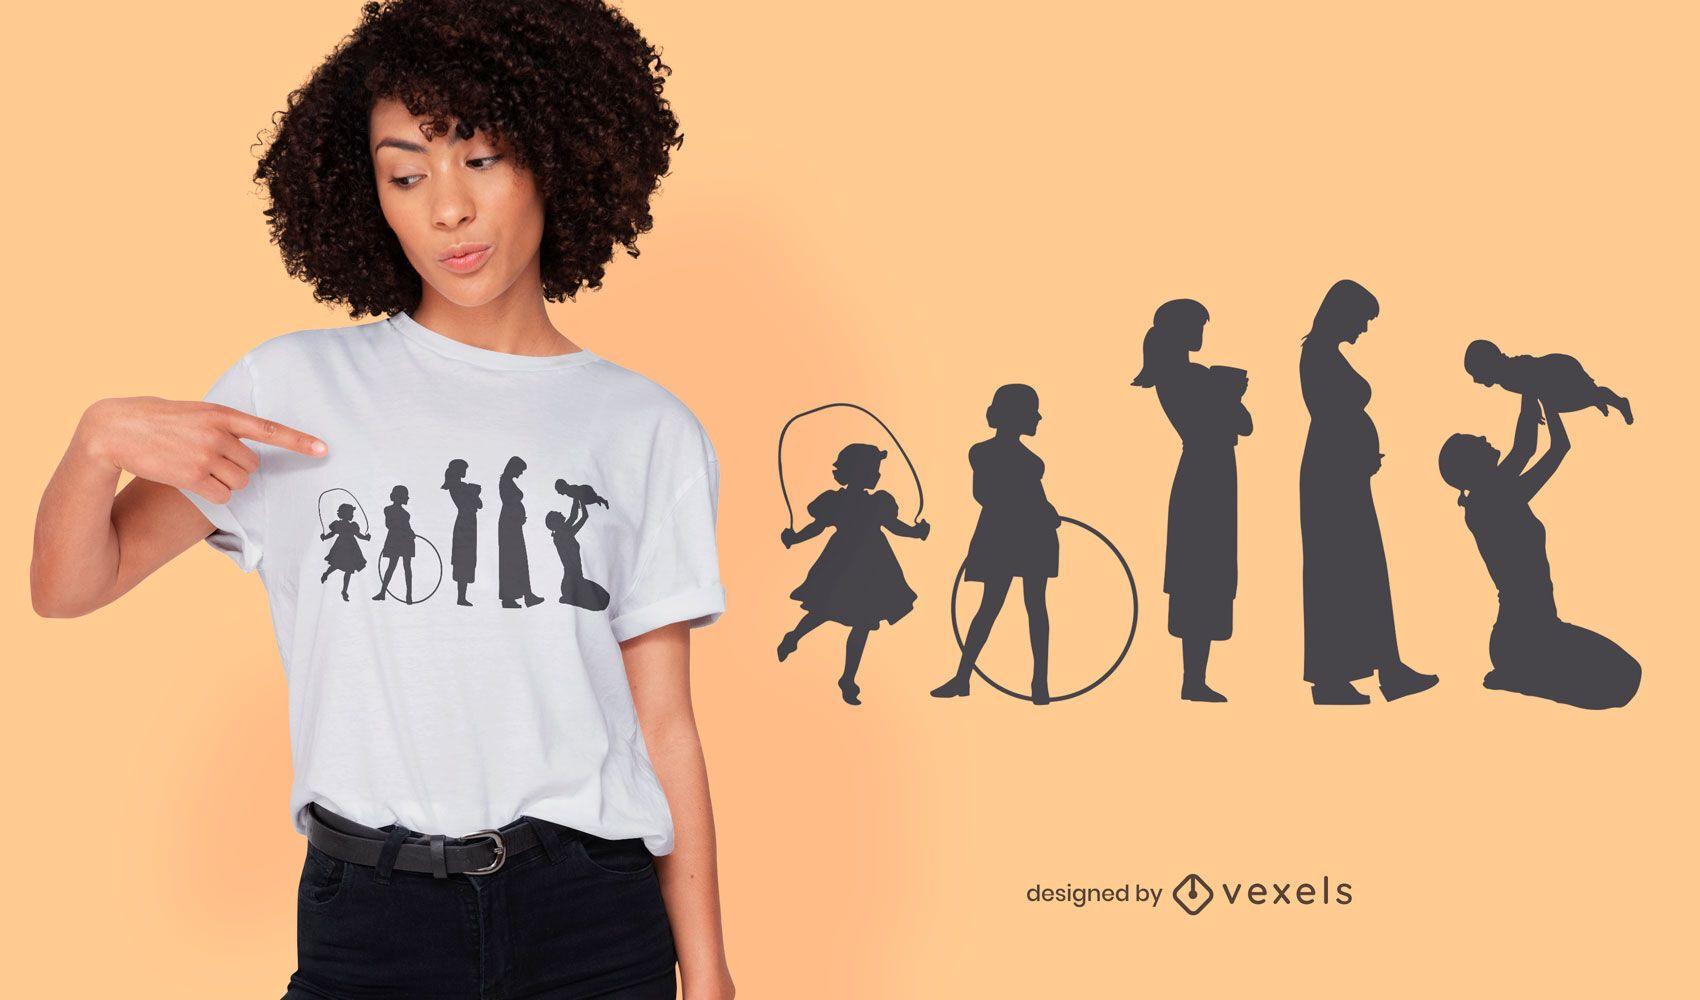 Evolution of mother t-shirt design